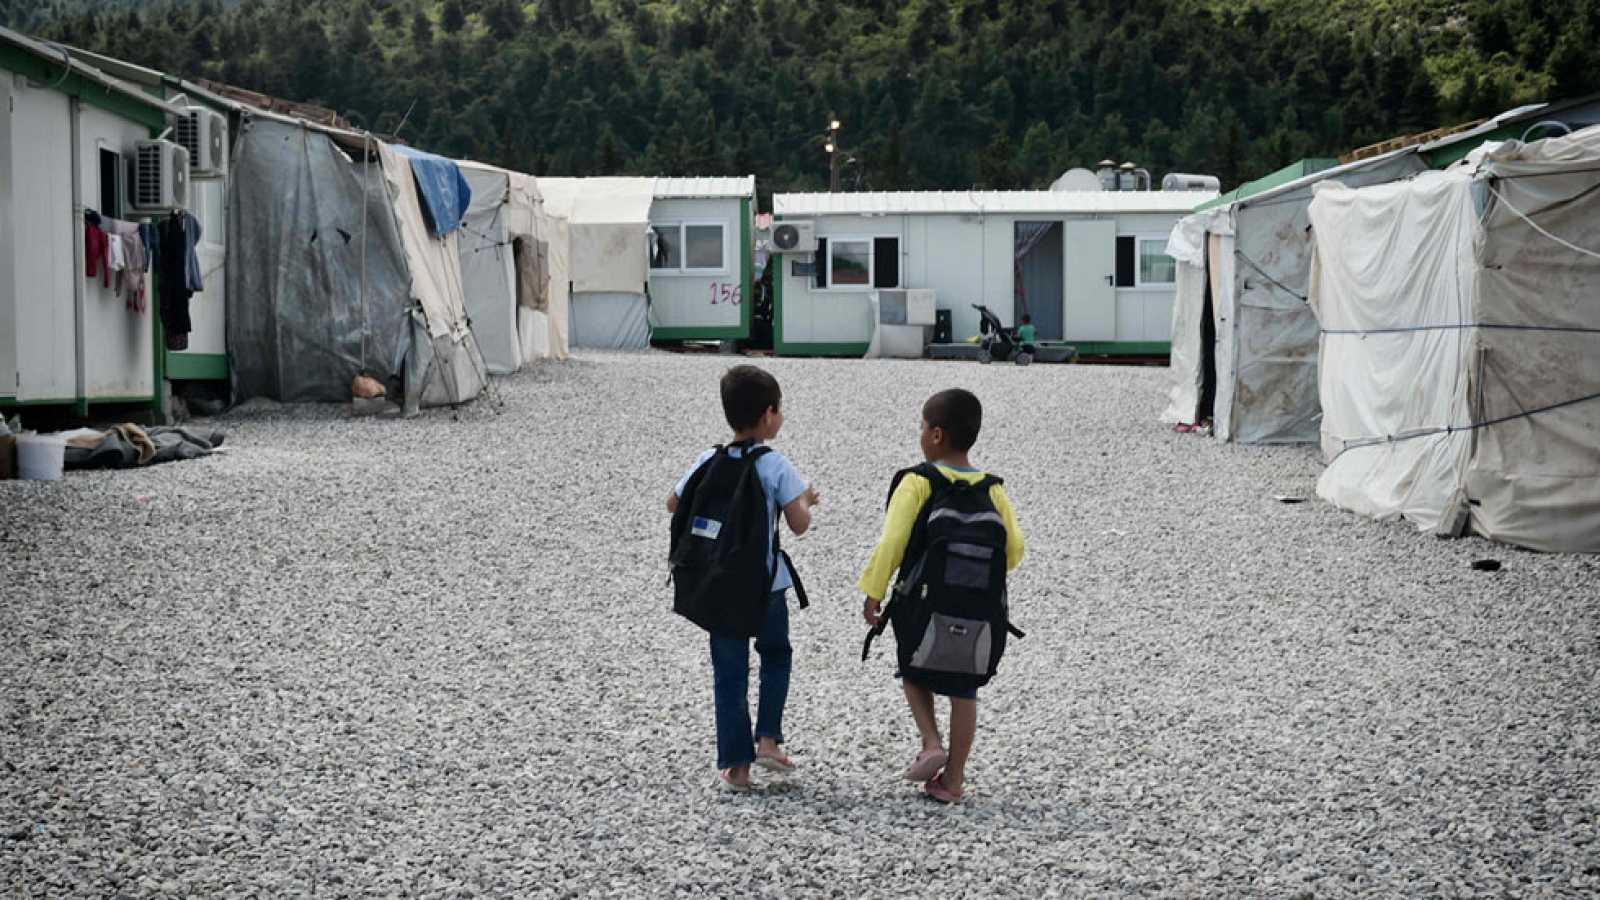 Unicef alza la voz en favor de la infancia. Un toque de atención para los países más ricos a los que pide liderazgo proteger a los más vulnerables.